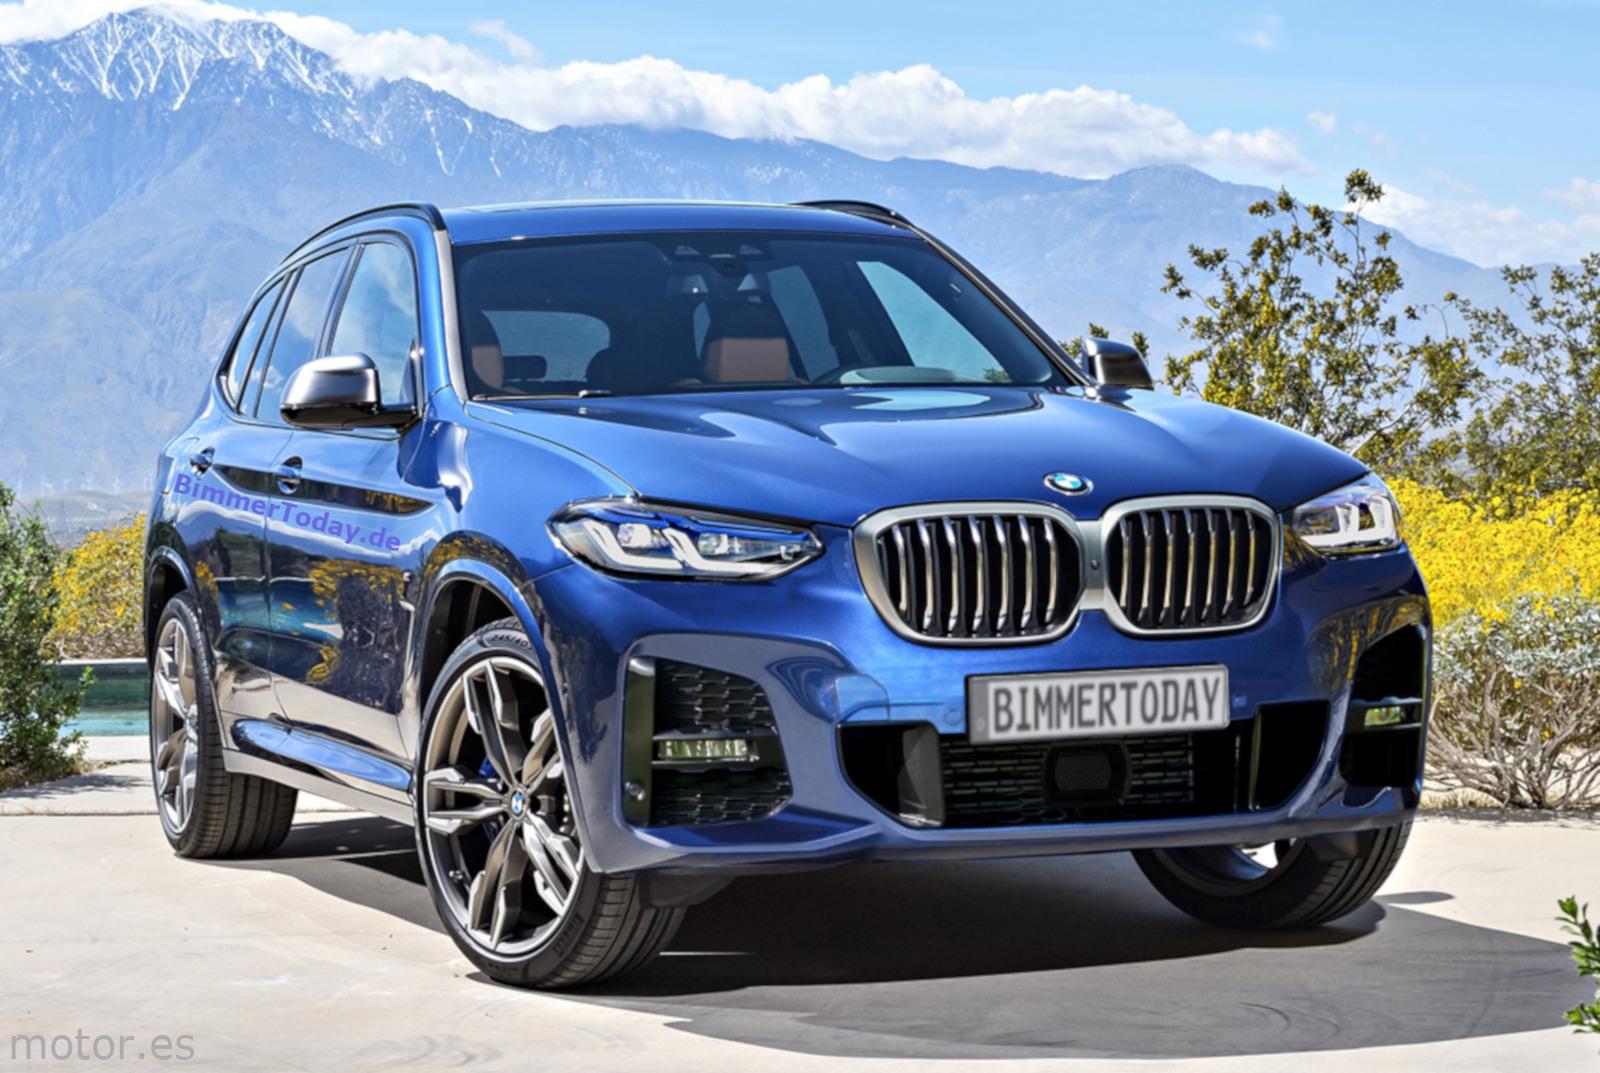 Bmw X3 Facelift 2021 Entwurf Zeigt G01 Lci Mit Neuer Niere